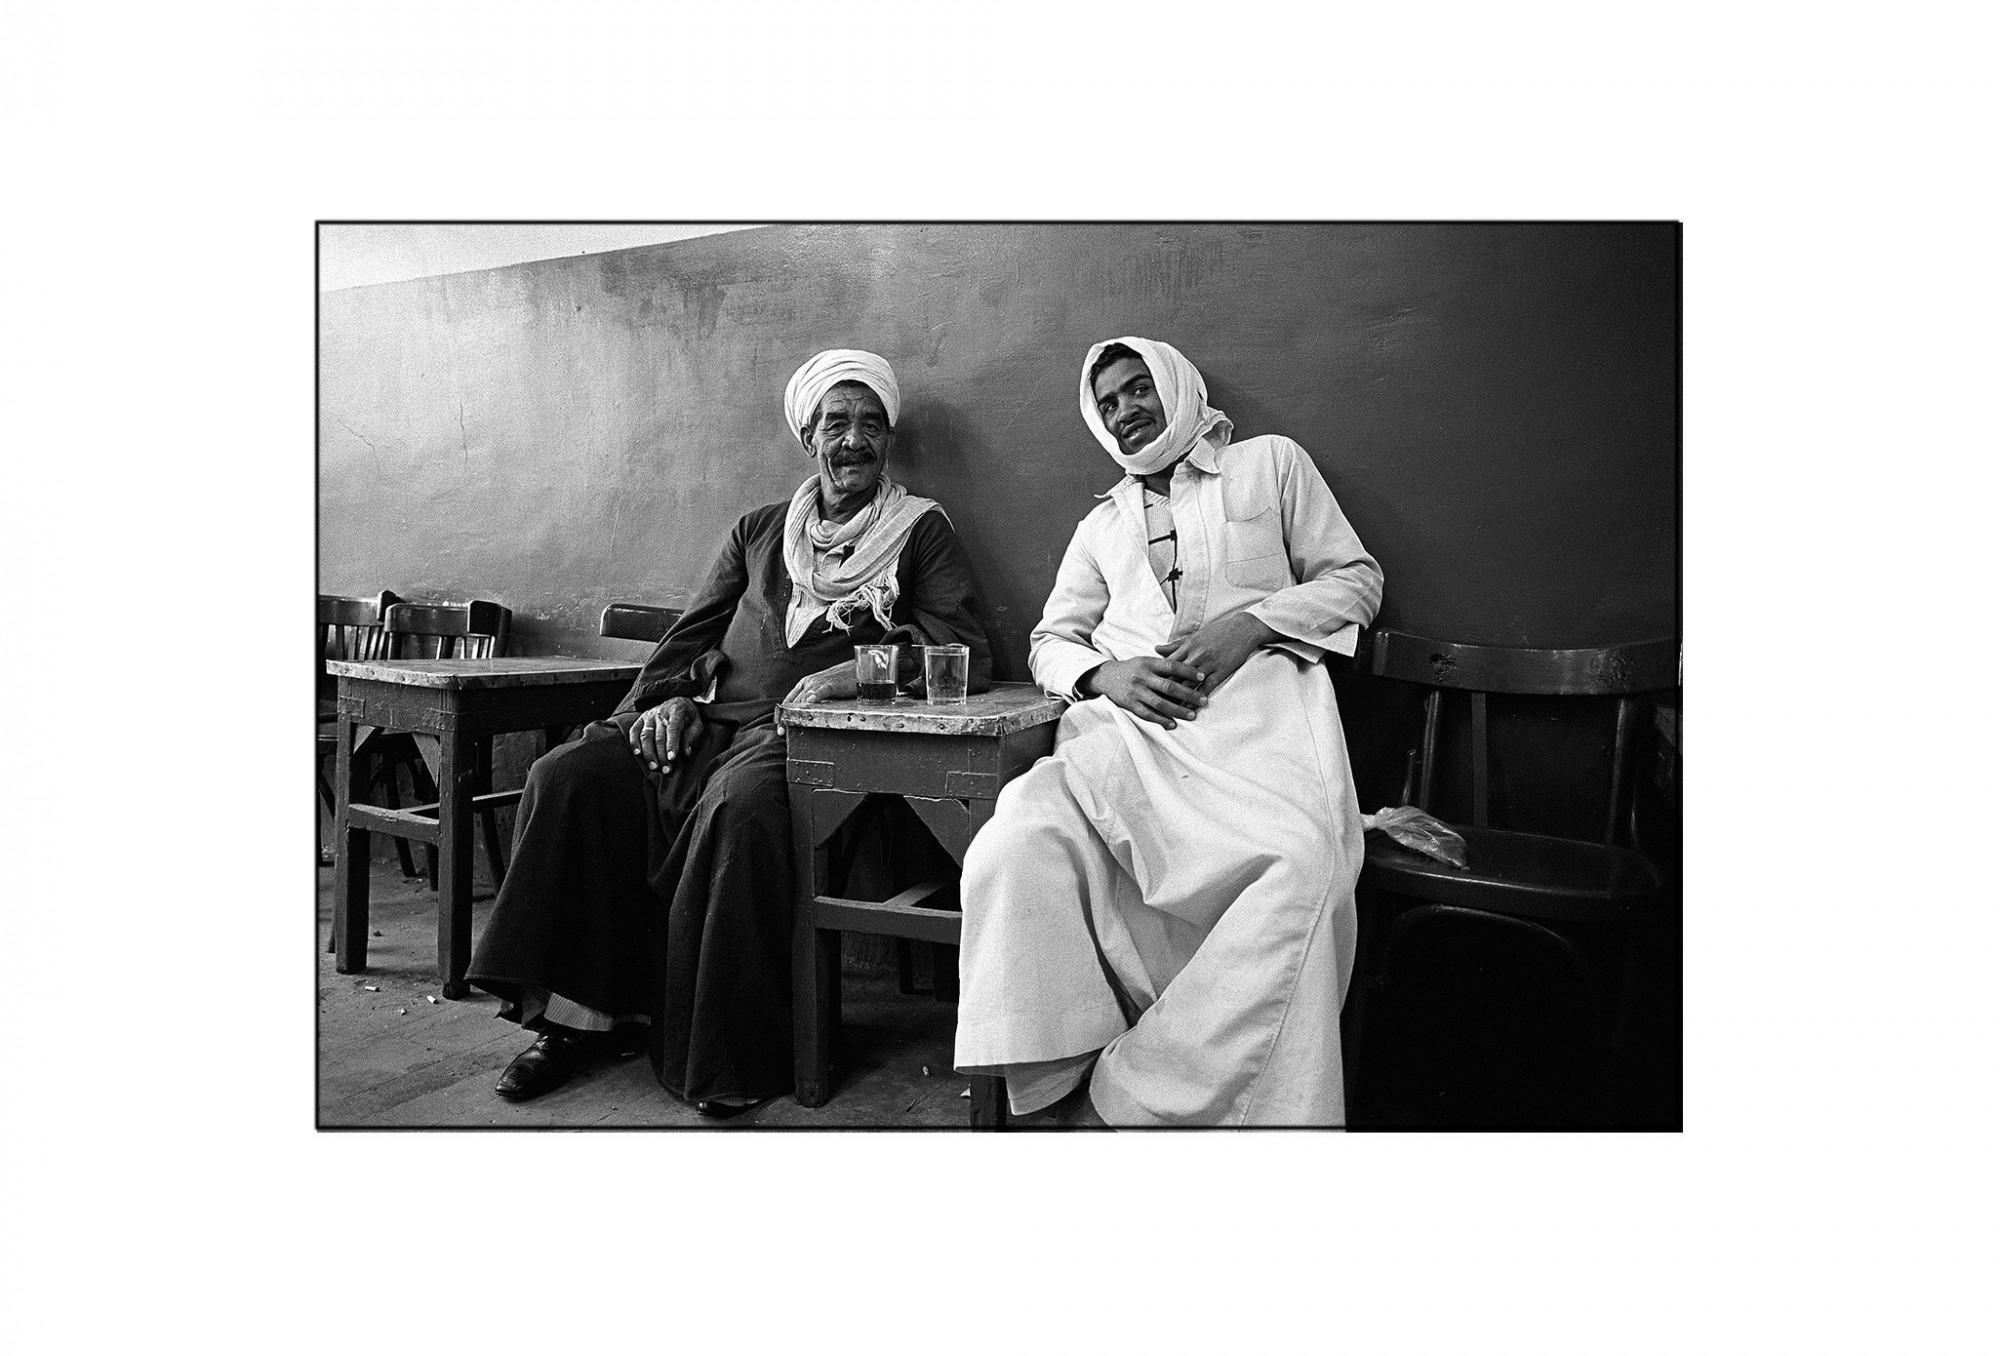 Afbeelding: Fotografie - Art, uit de reeks : De kleur van zwart. Egypte, 93-12-27, © Dominique Van Huffel.